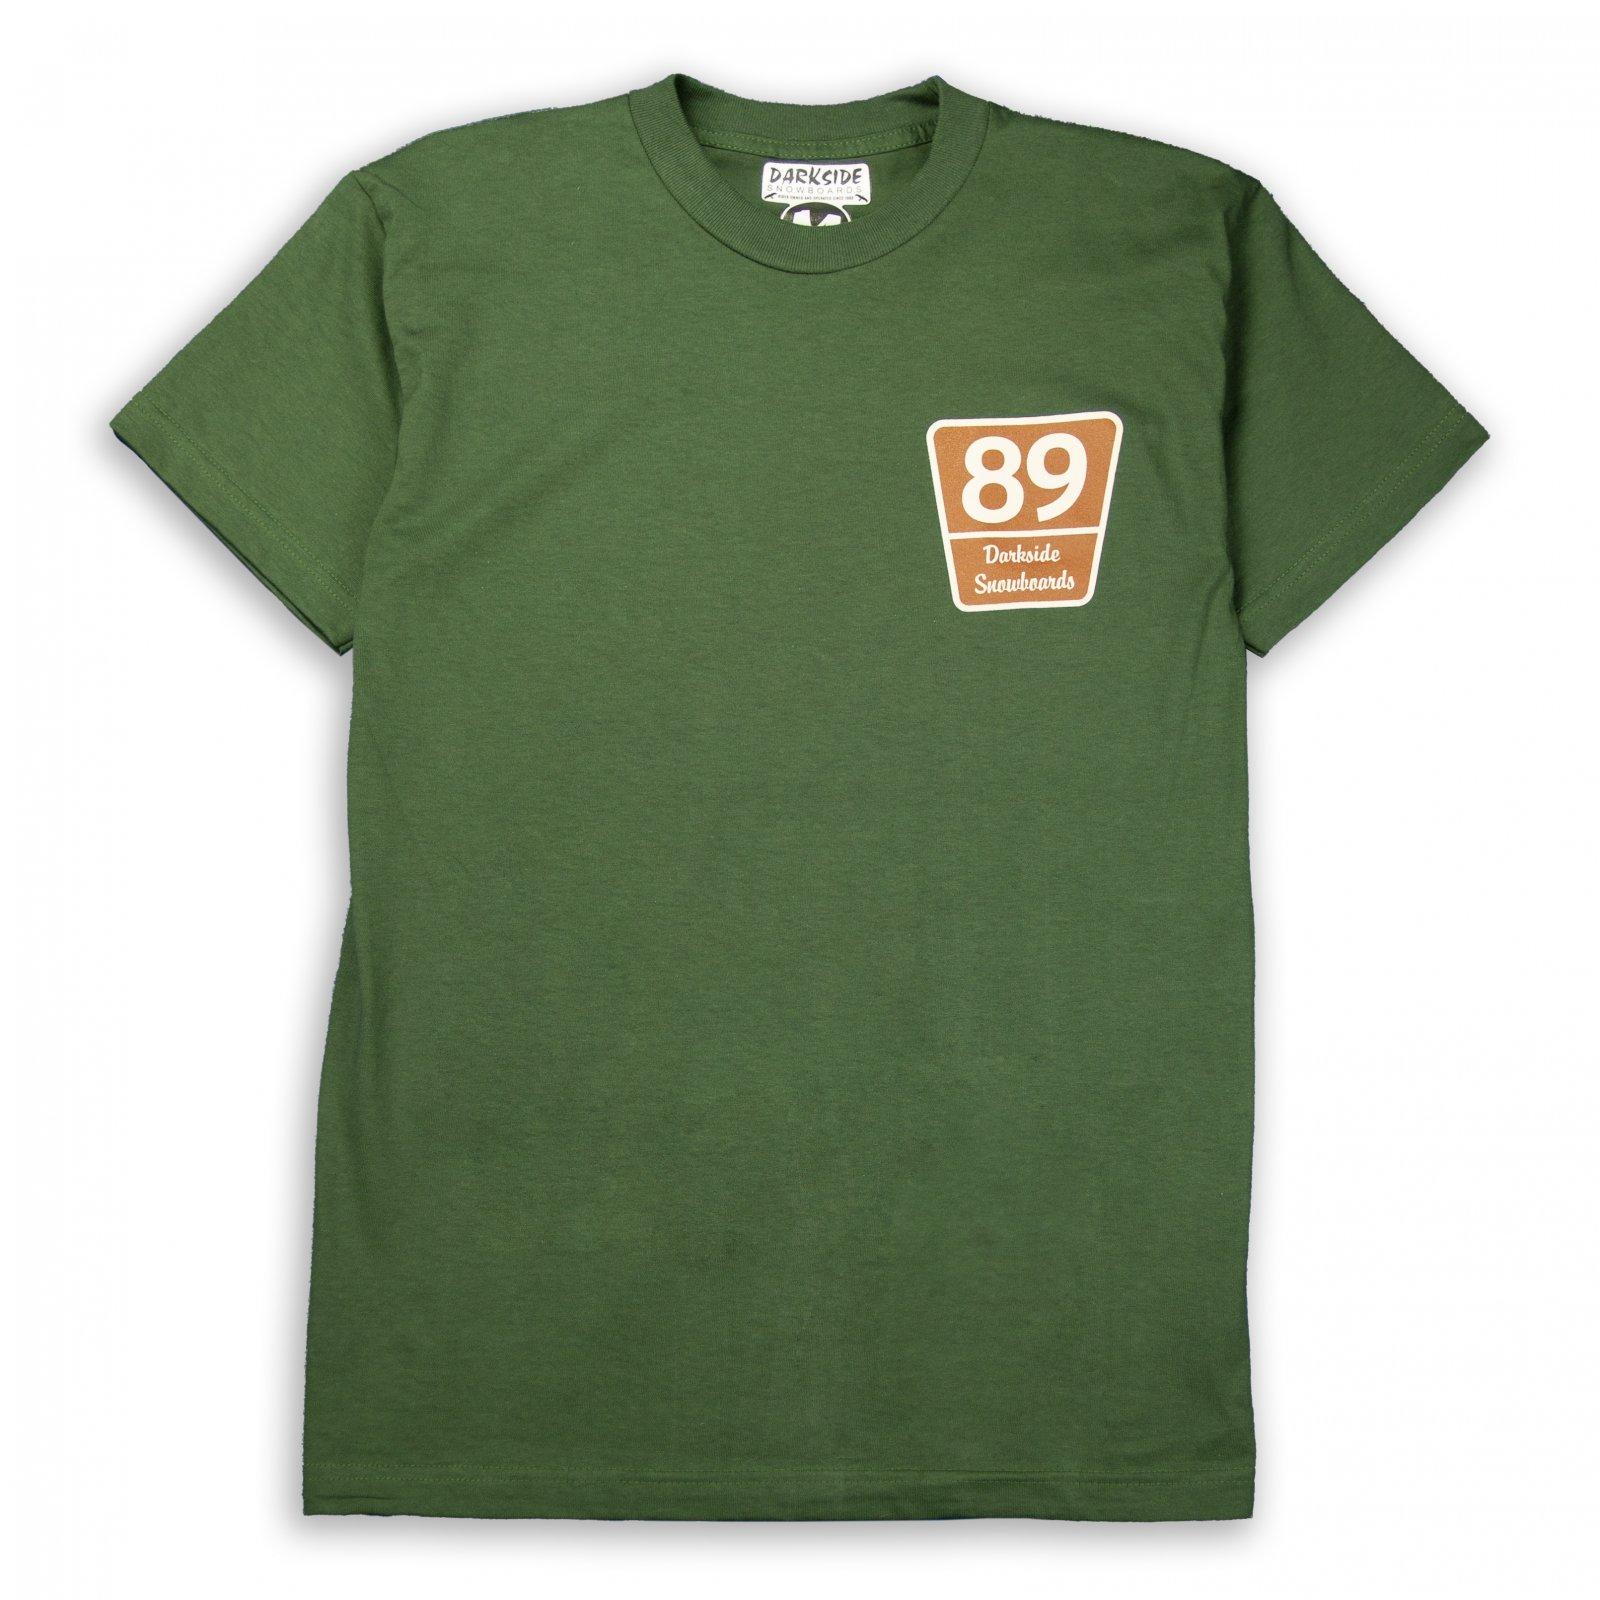 Darkside GMNF Short Sleeve Shirt Green